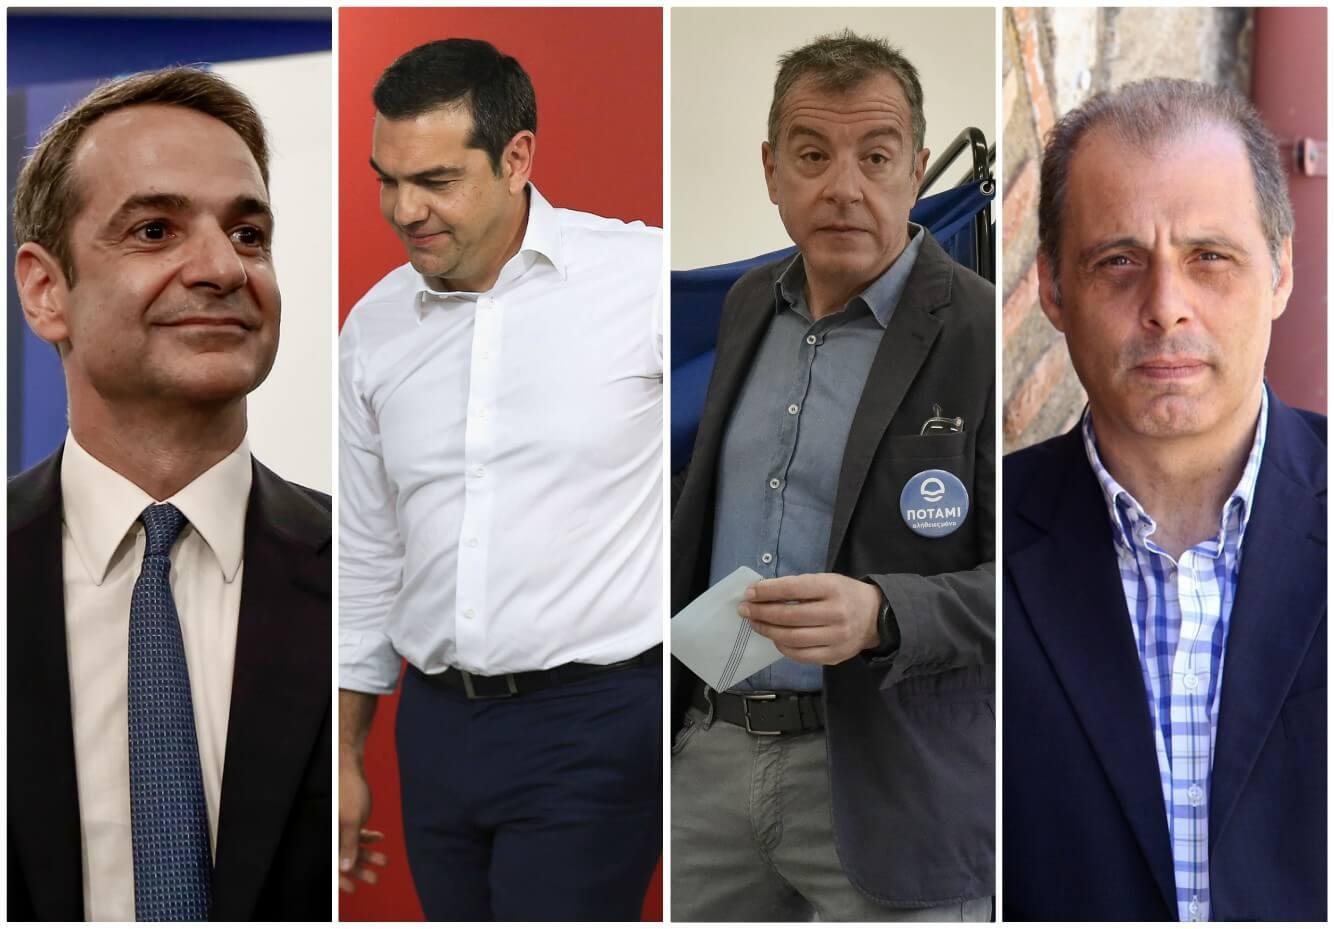 """Εκλογές στις 7 Ιουλίου με... αλλαγή του πολιτικού """"χάρτη"""" - """"Ποτάμι"""" τέλος και... """"αχνοφαίνεται"""" ο Βελόπουλος - Πως διαμορφώνεται το νέο κοινοβούλιο"""